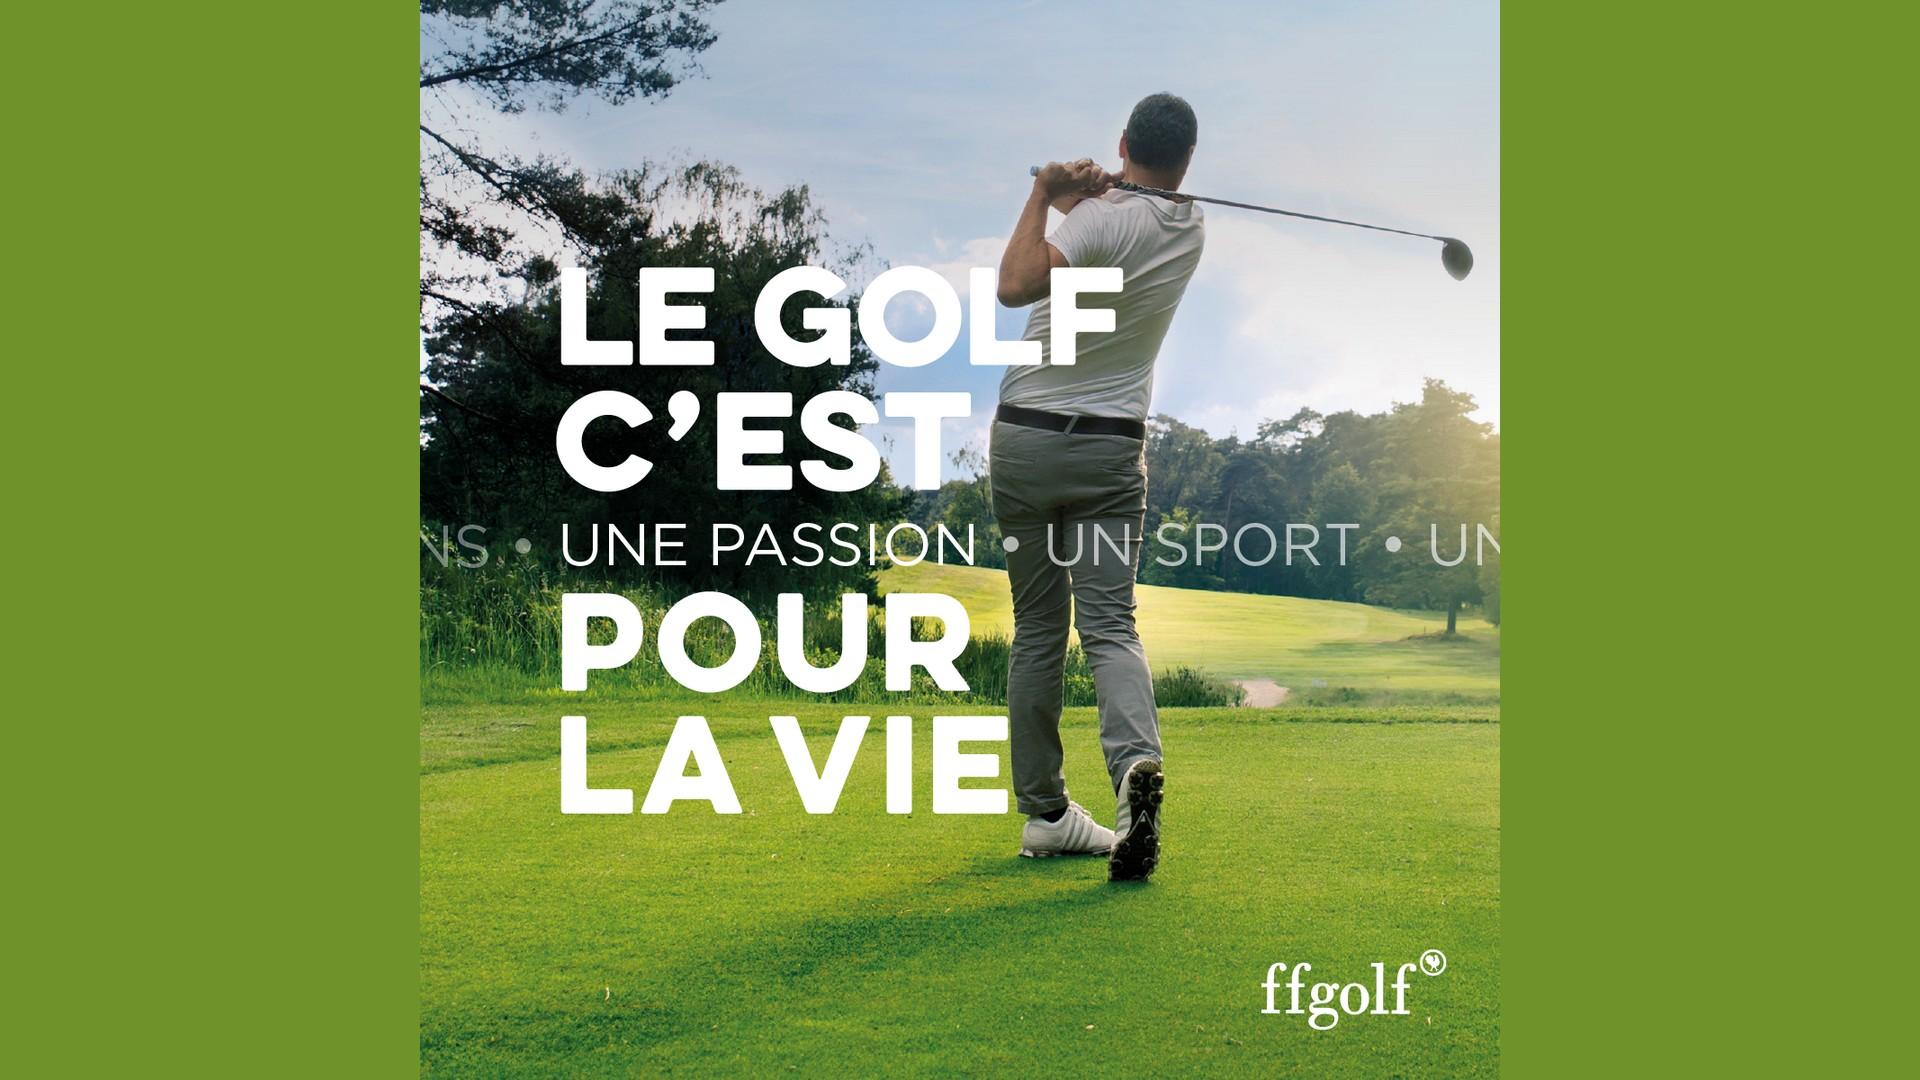 FFGolf (1) Le golf c'est pour lavie (2020)